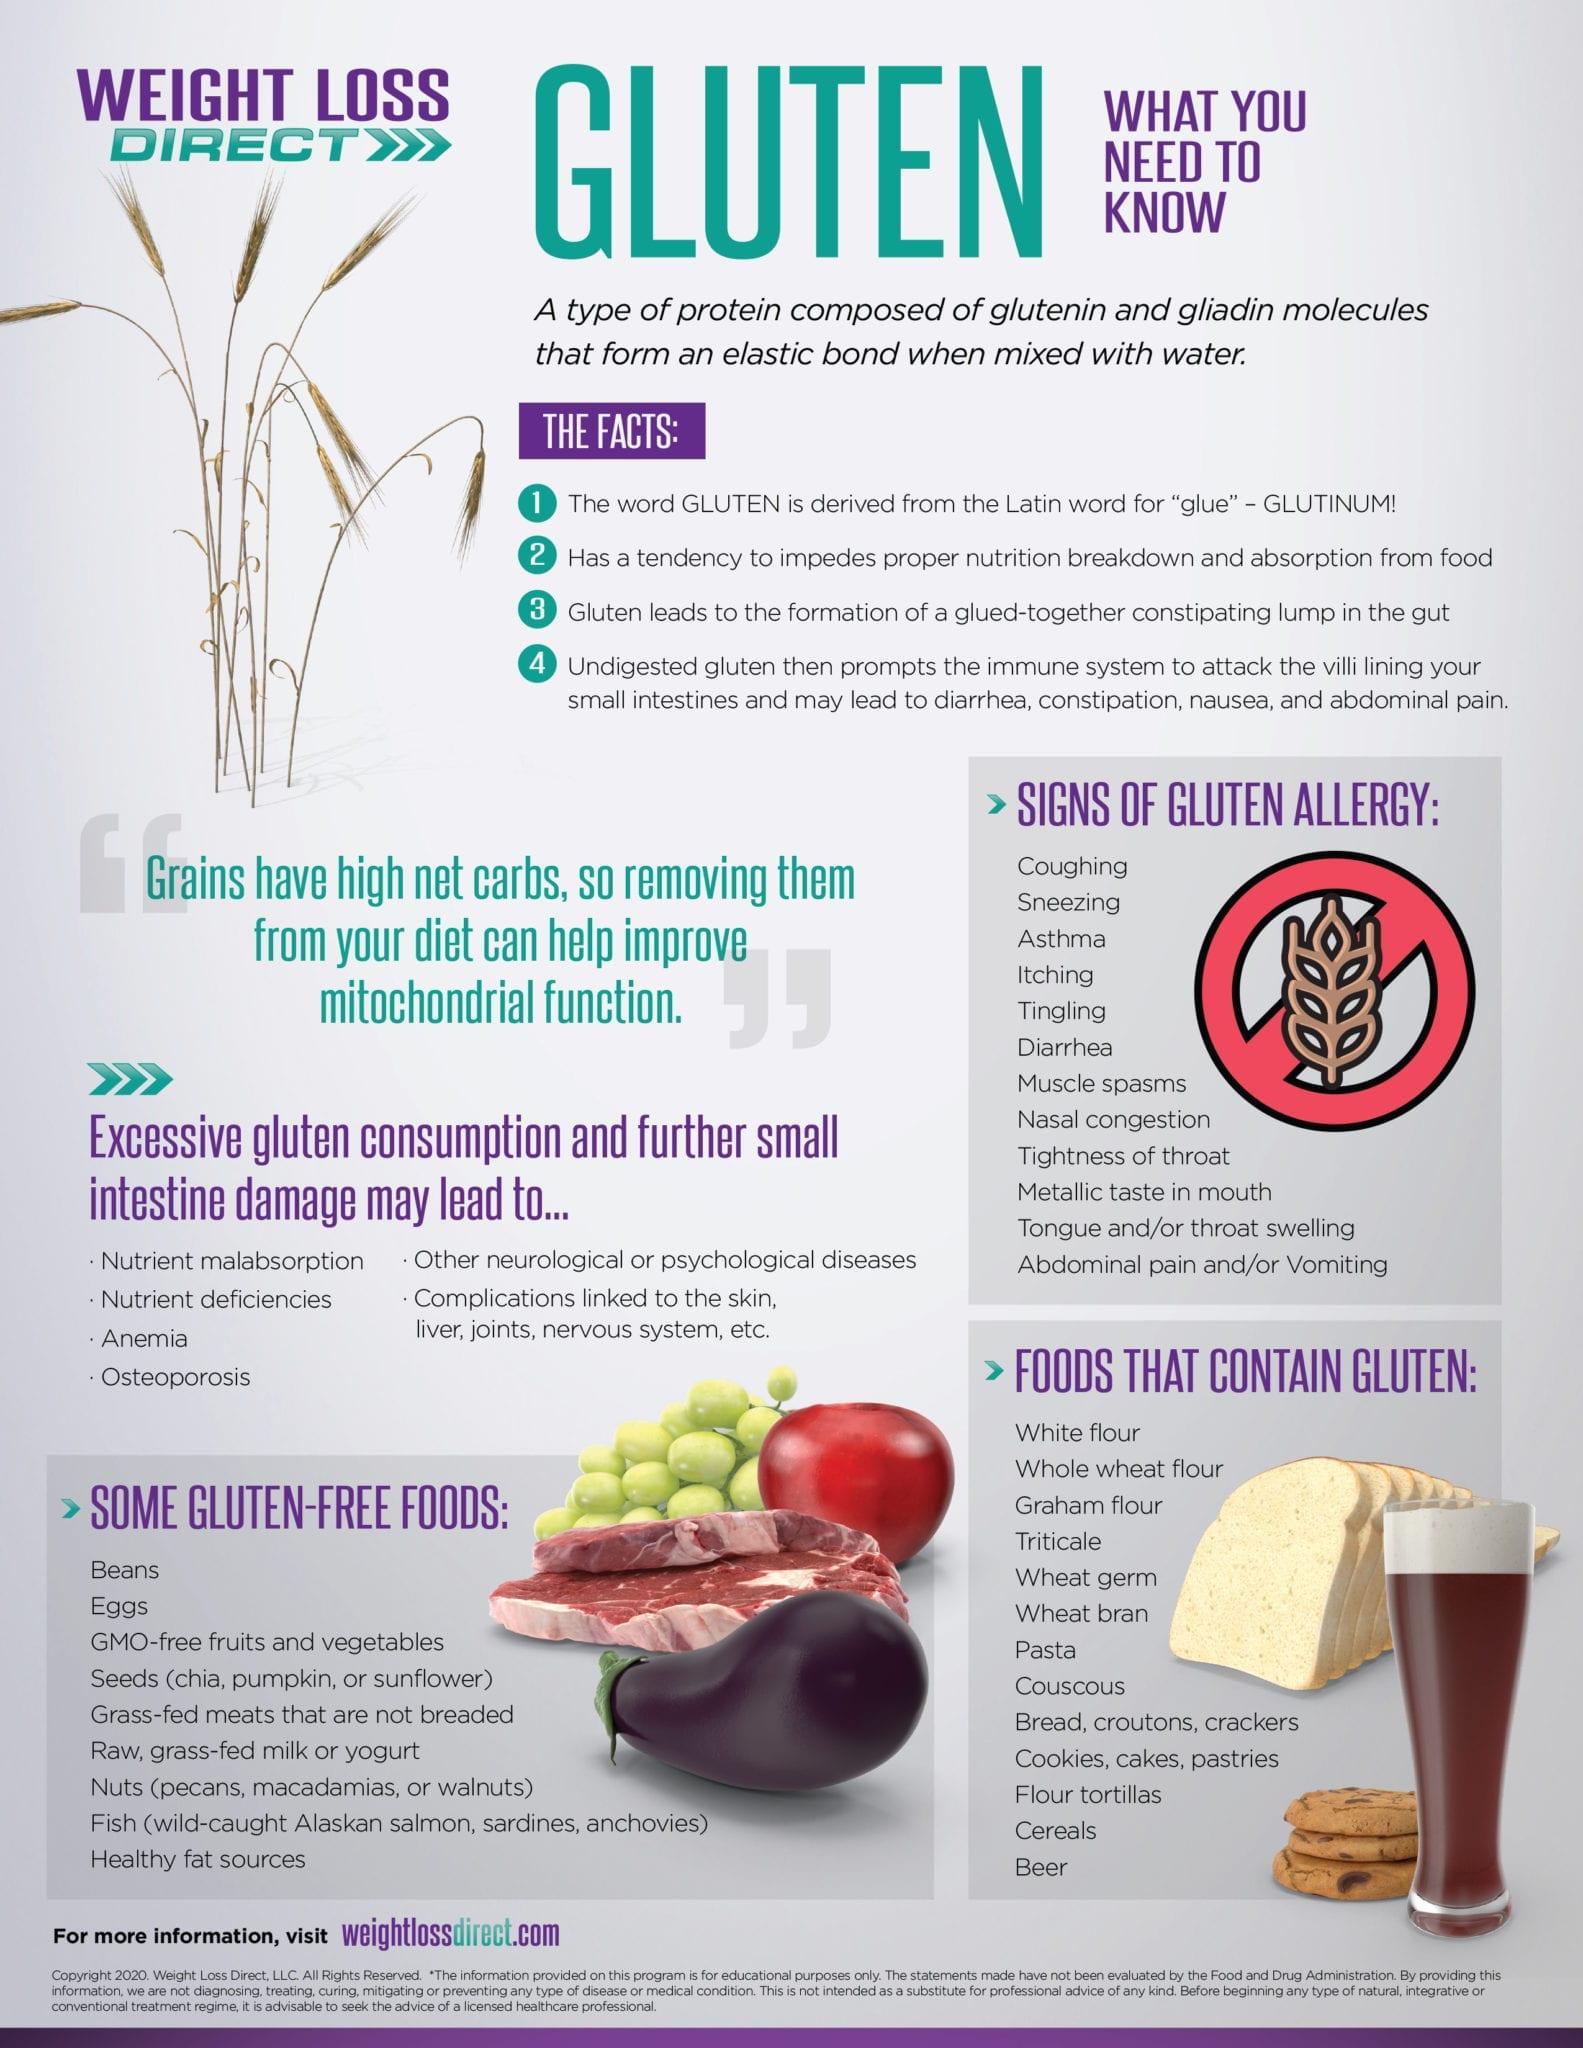 weight loss direct gluten